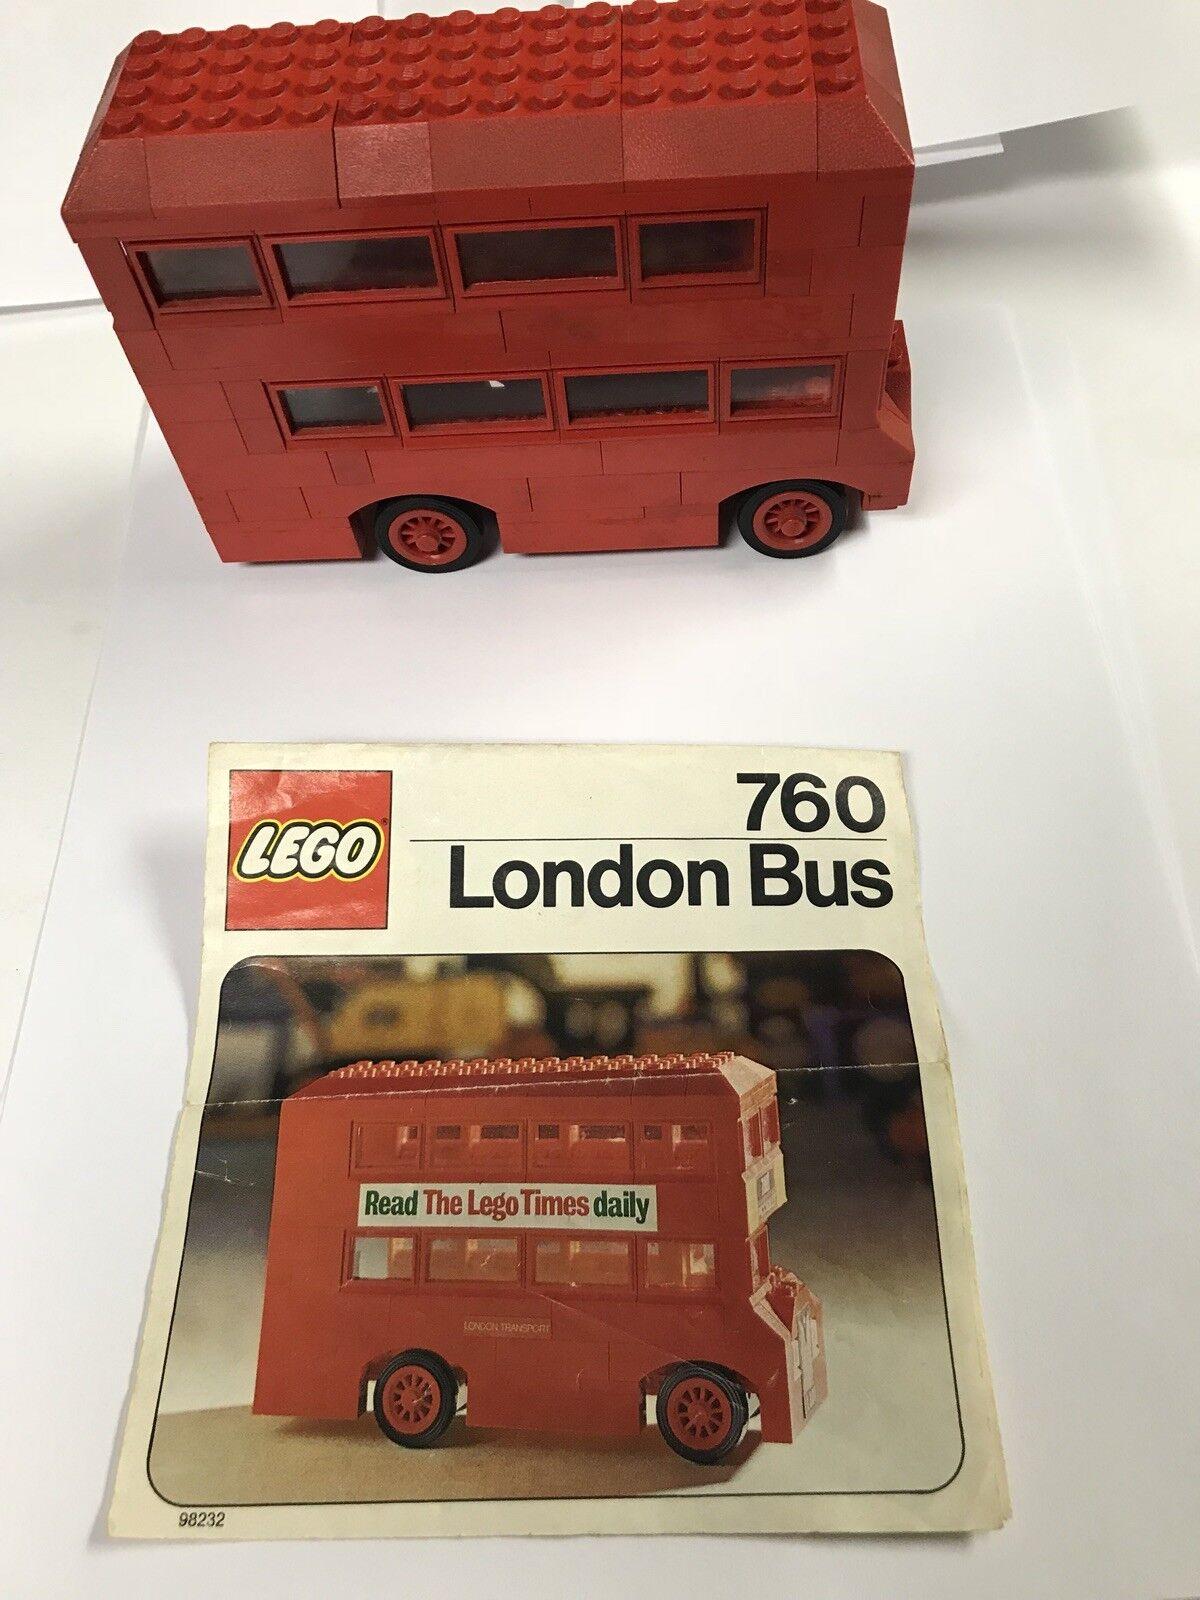 Vintage Lego Set 760 - London Bus From 1975 1975 1975 - Incomplete - Rare LEGO Set d019de